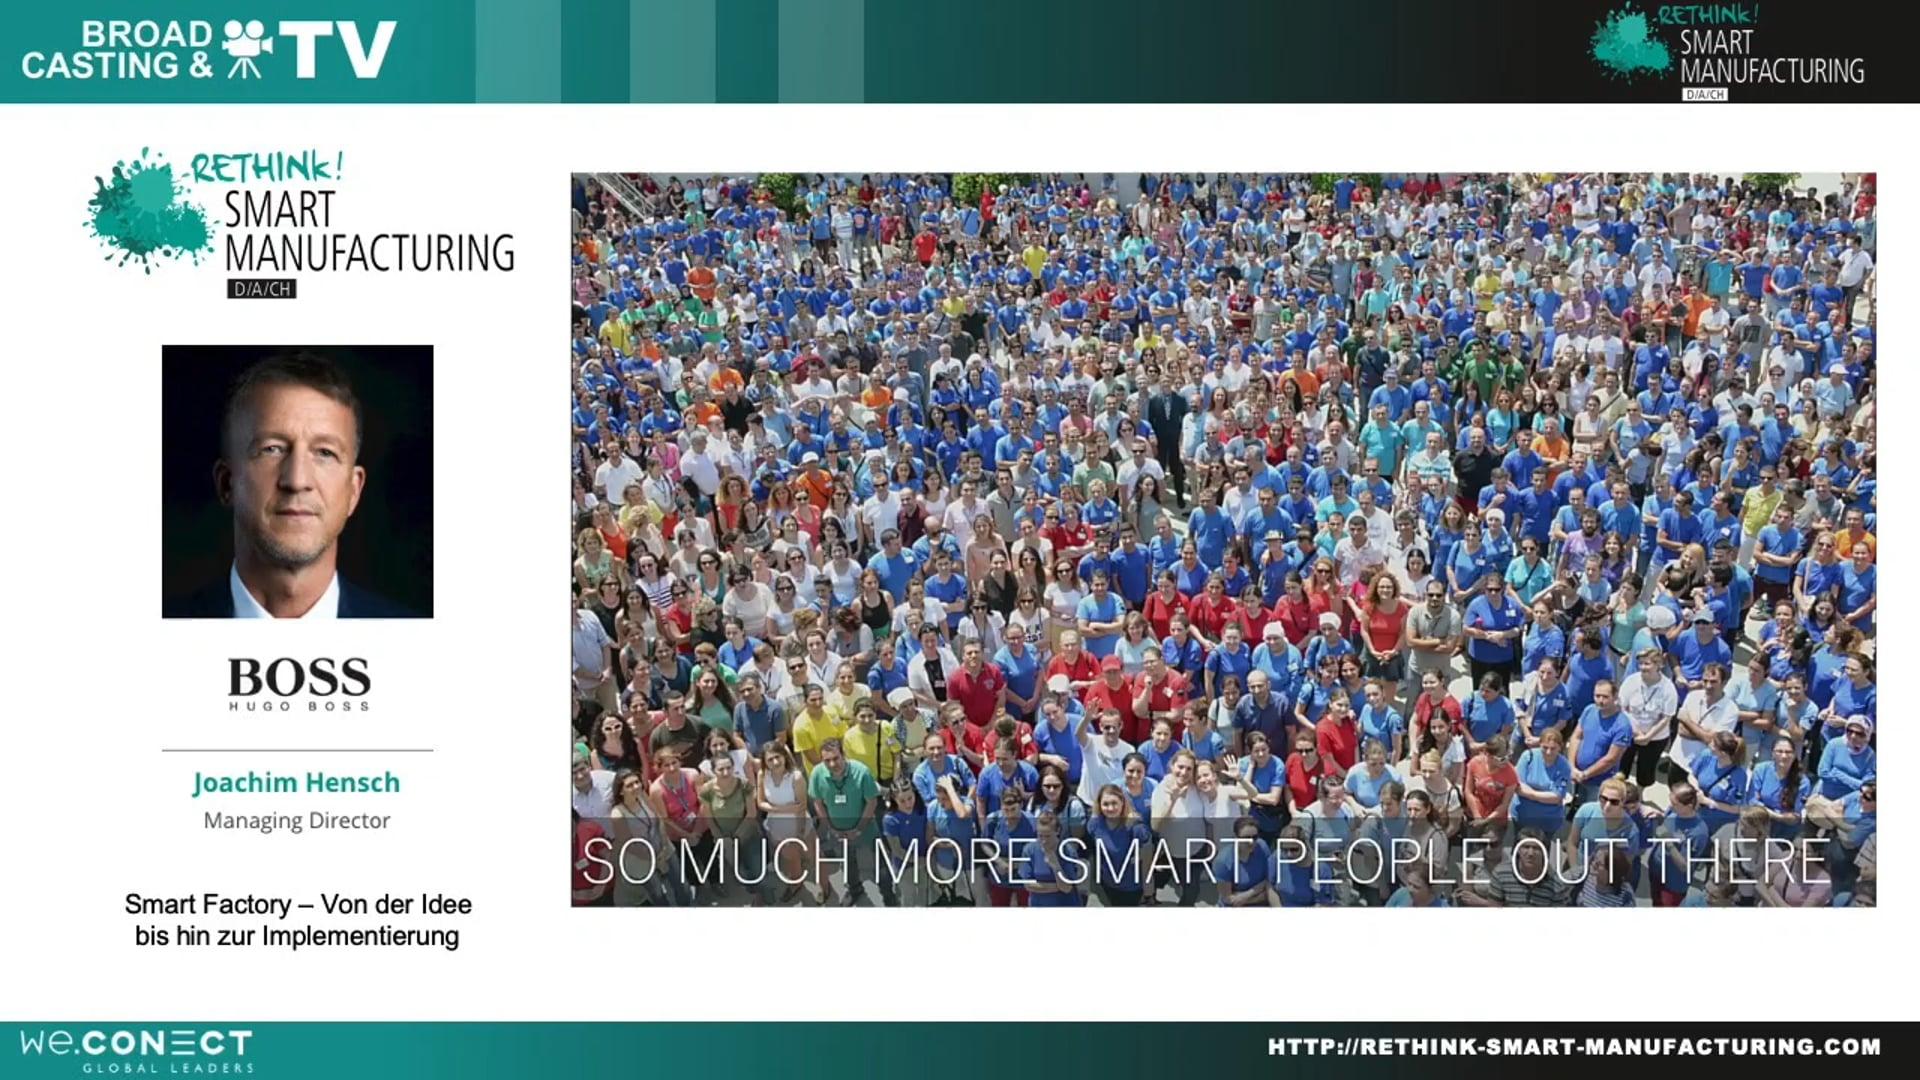 Rethink! Smart Manufacturing DACH: Hugo Boss Keynote von Joachim Hensch